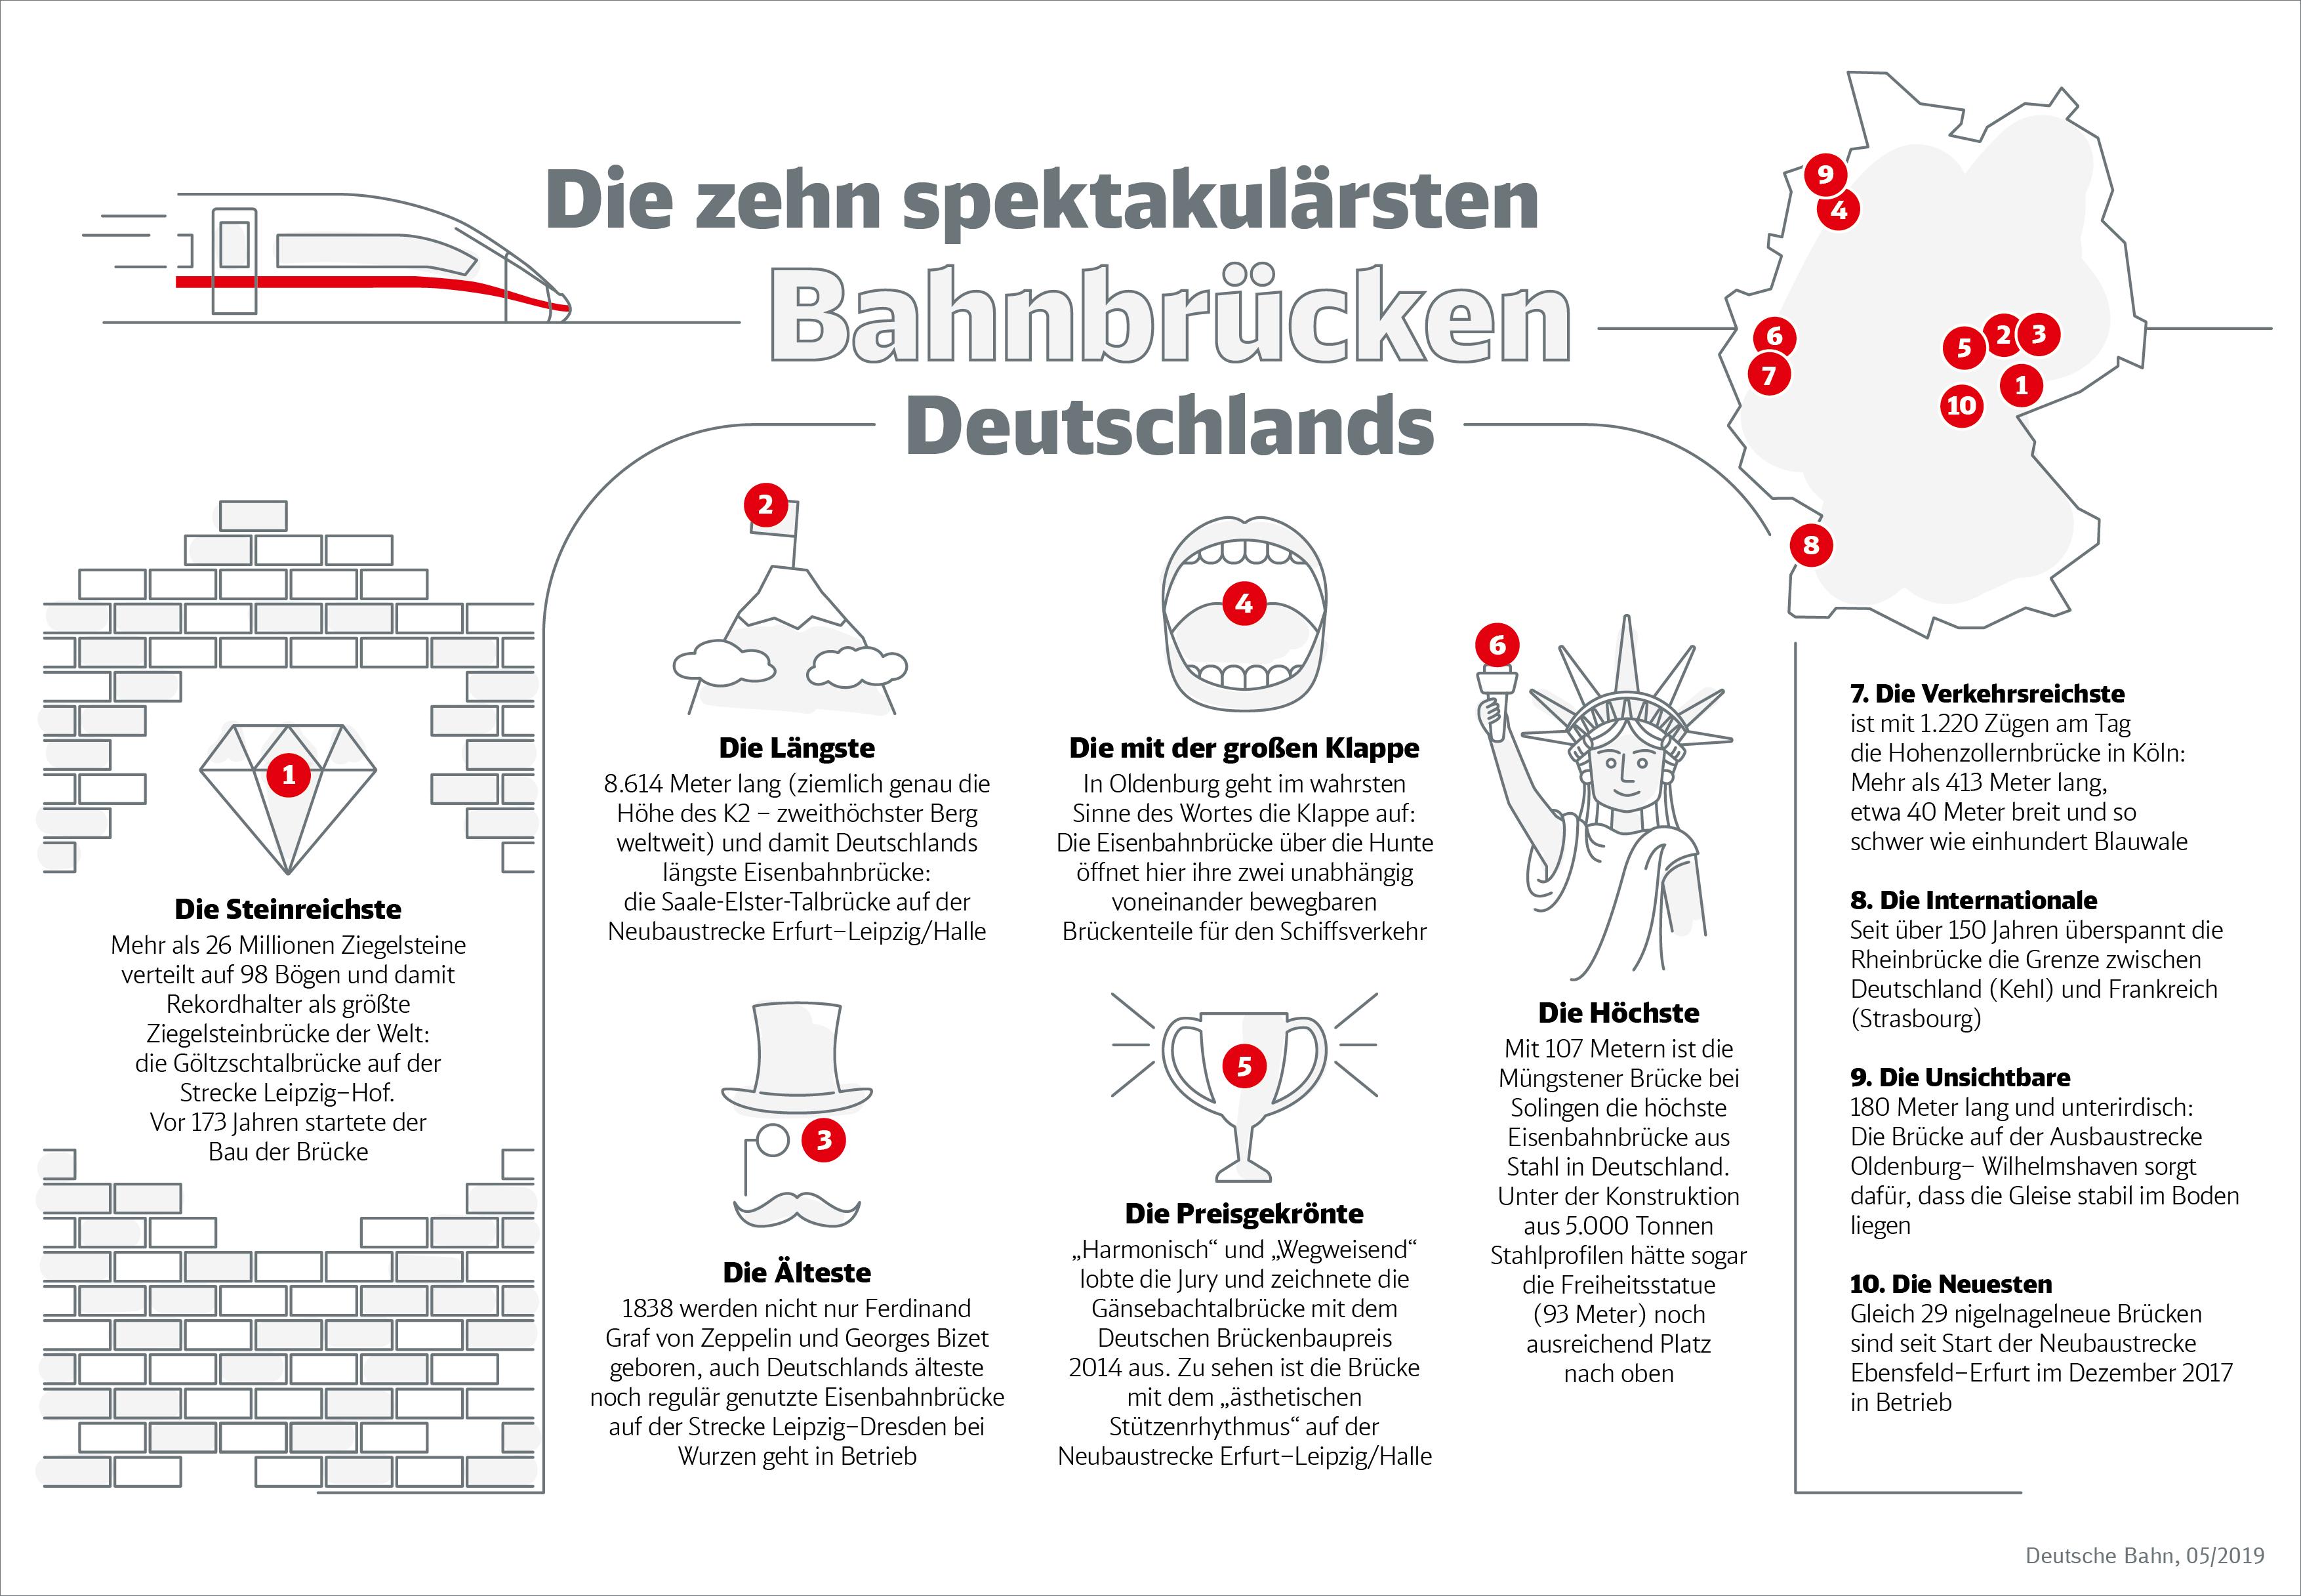 DB Infografik: Die zehn spektakulärsten Bahnbrücken Deutschlands